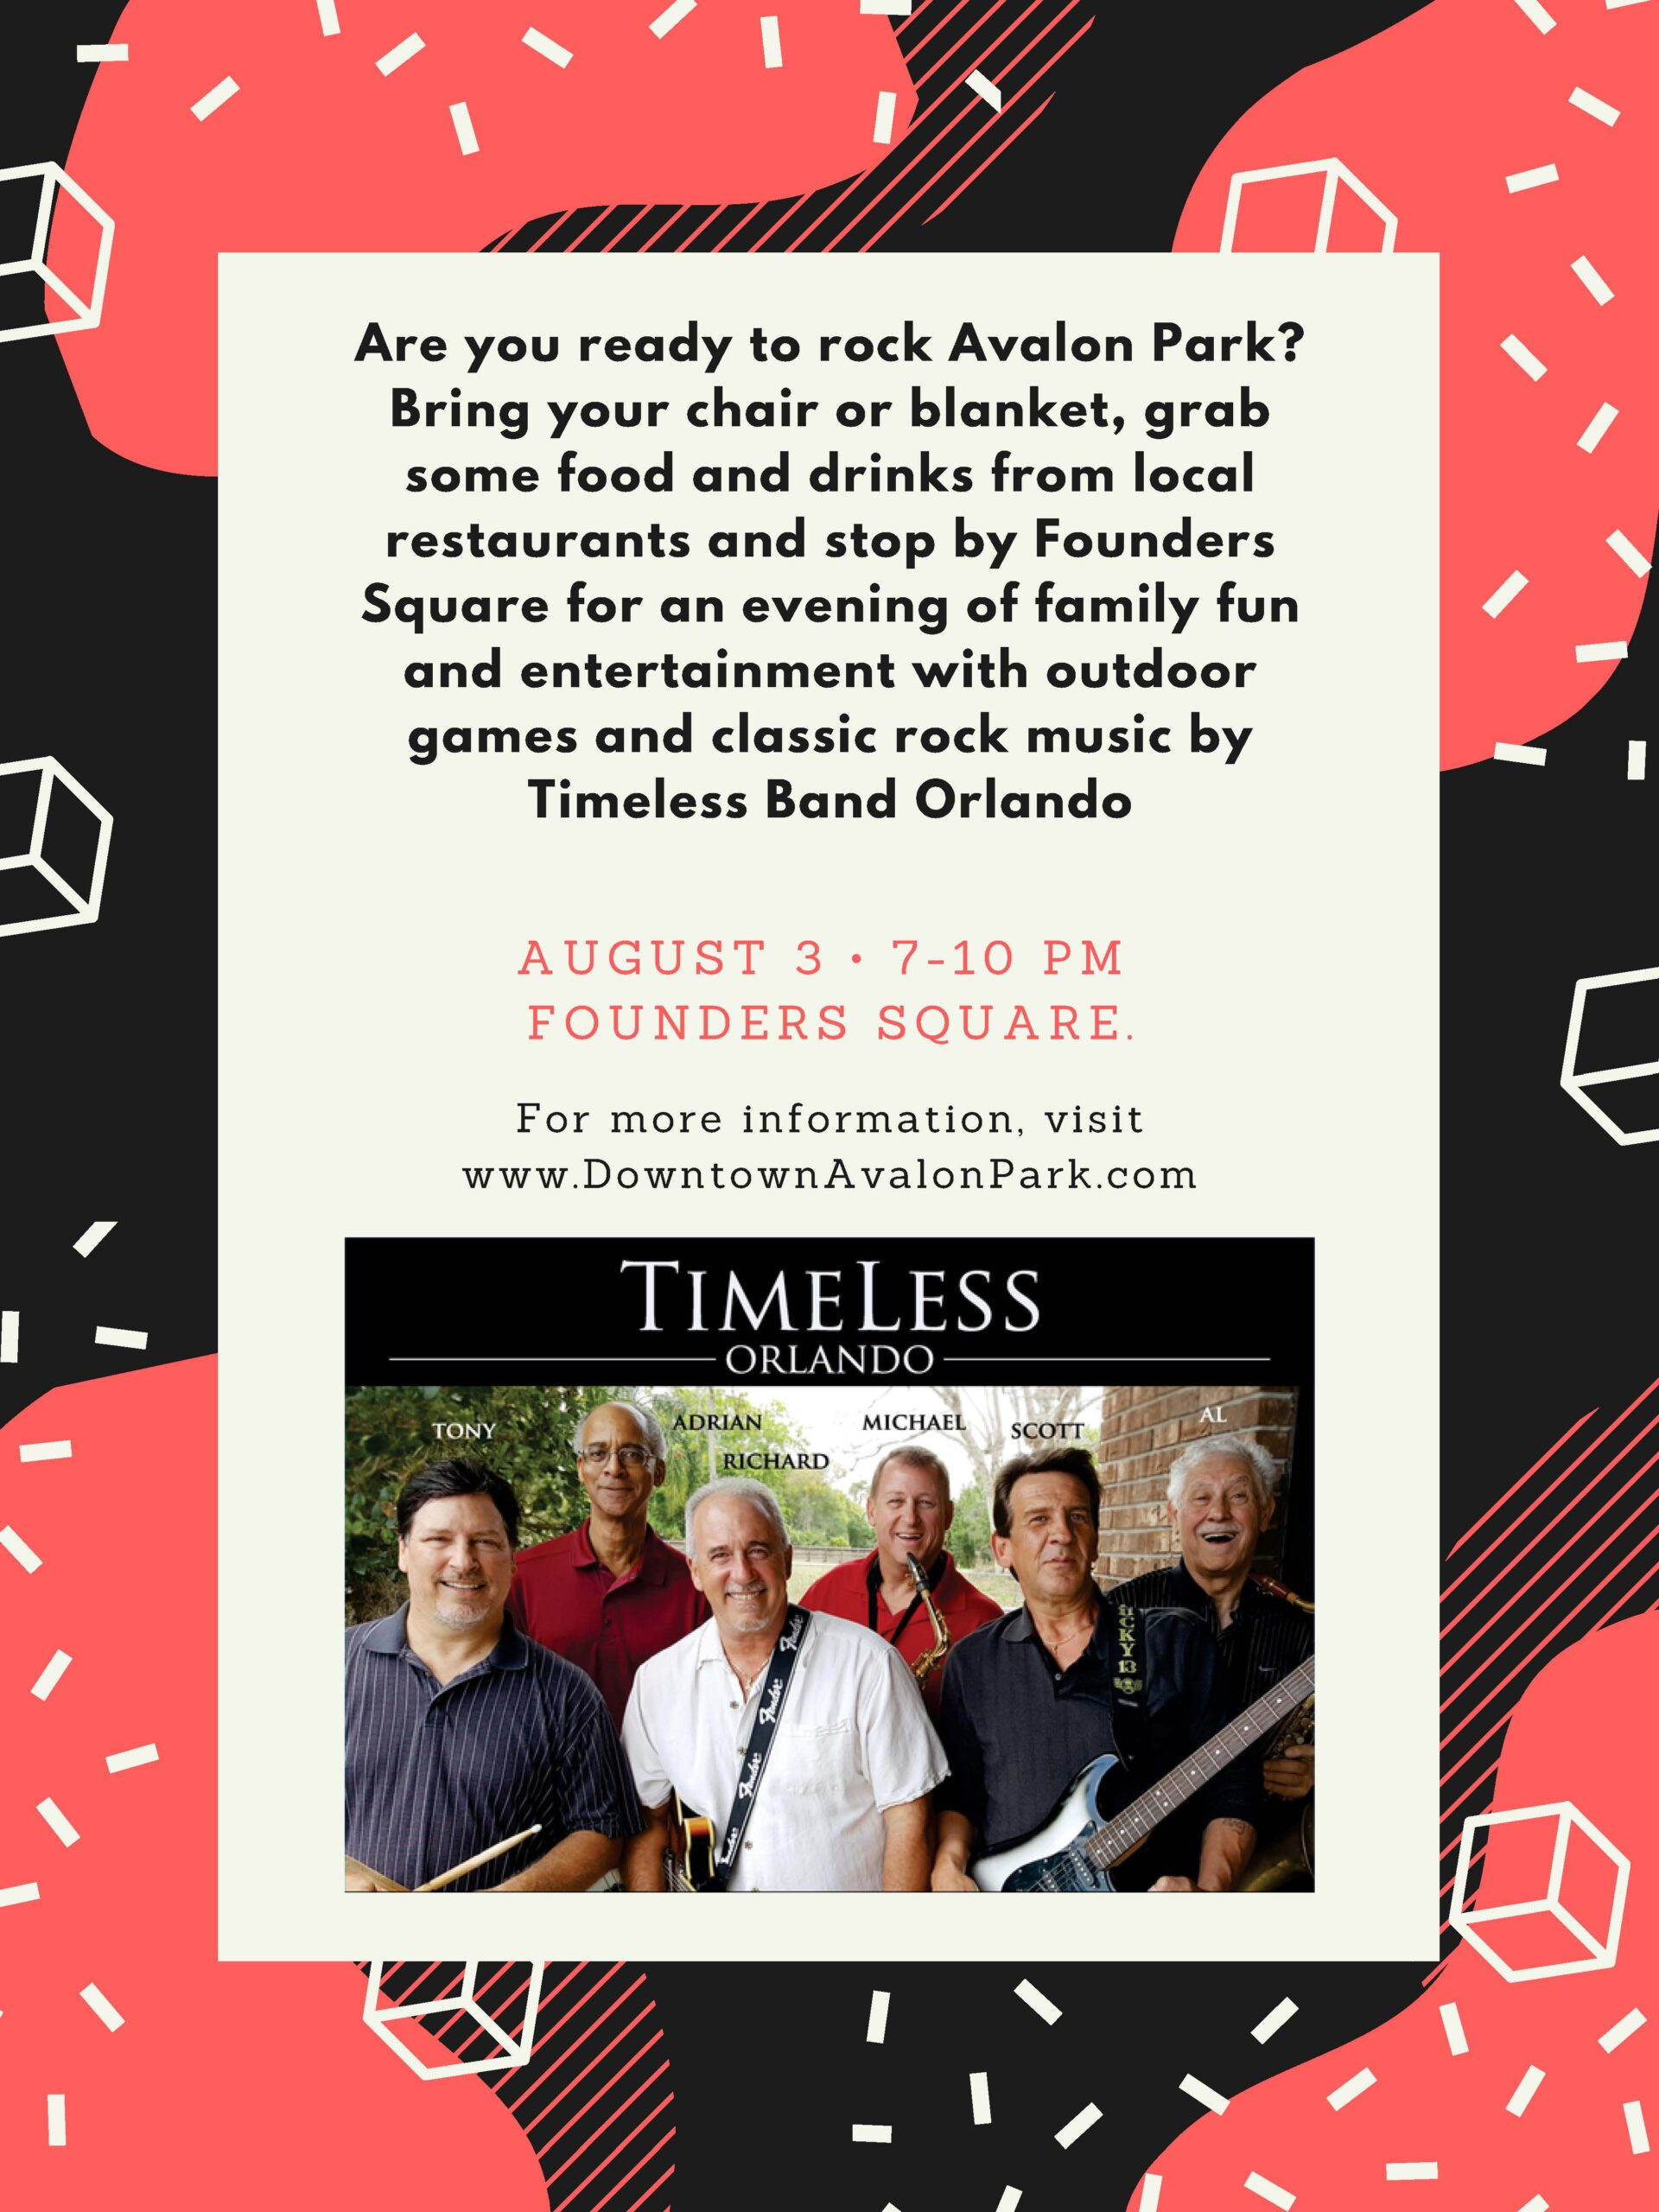 Timeless Orlando 1 scaled